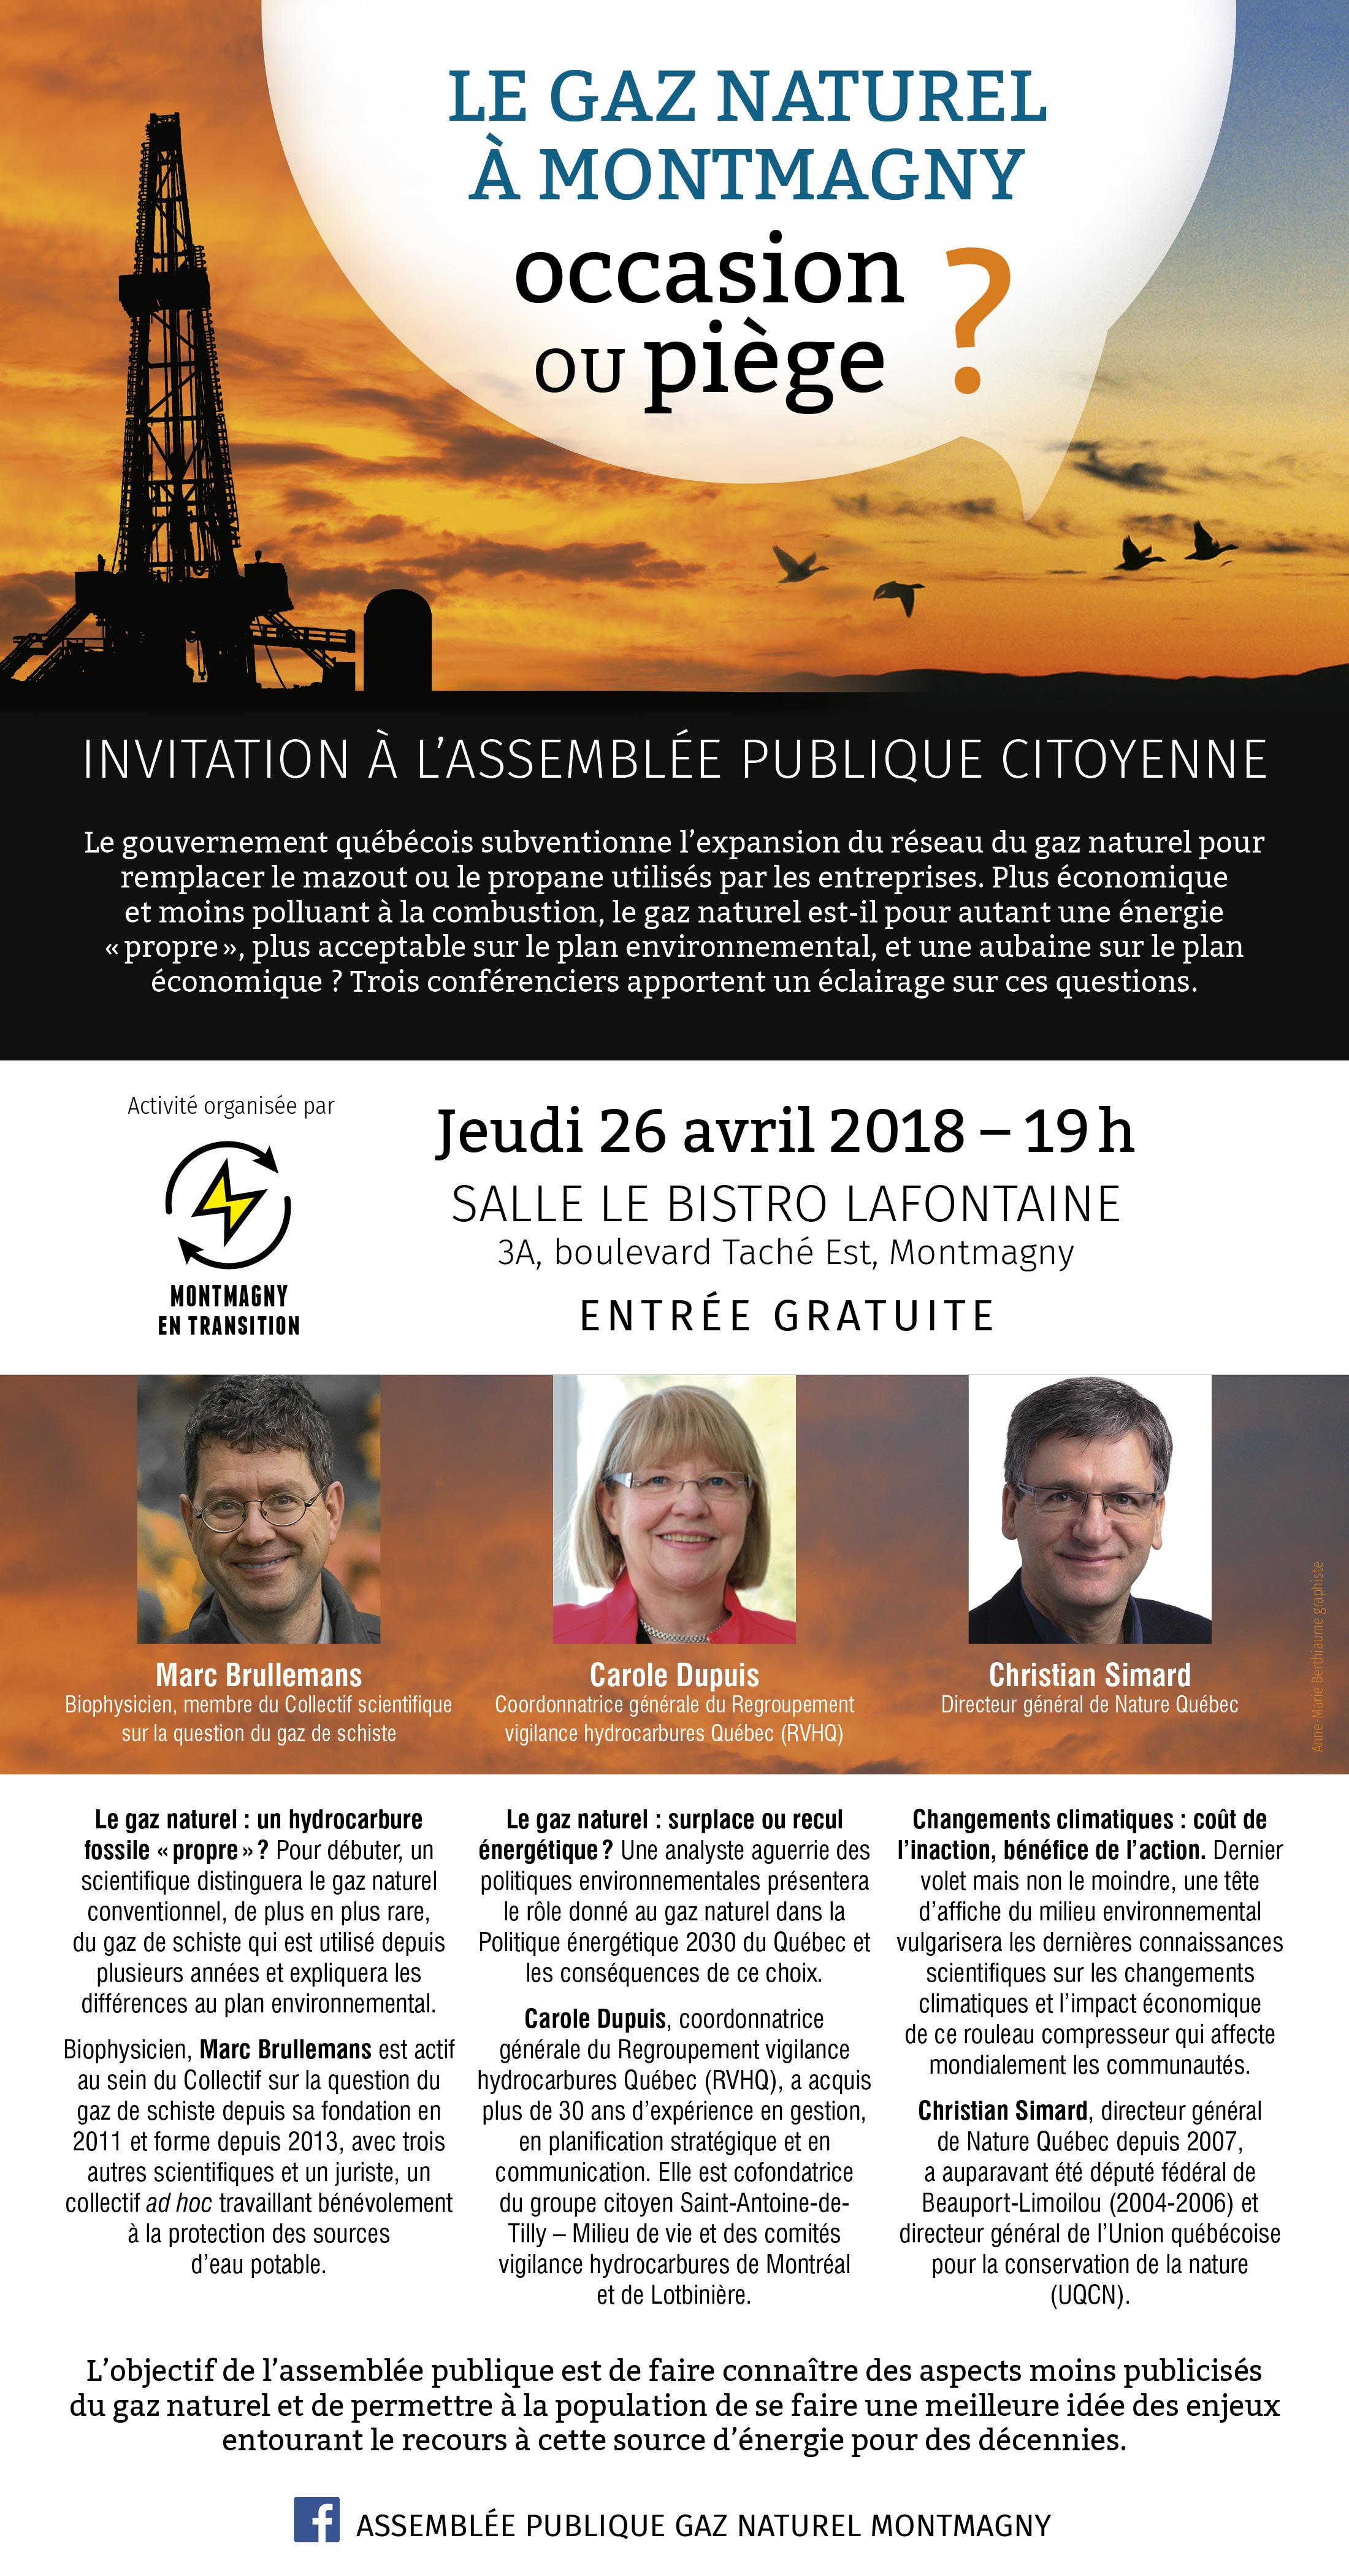 Assemblée-publique-Montmagny_Invitation